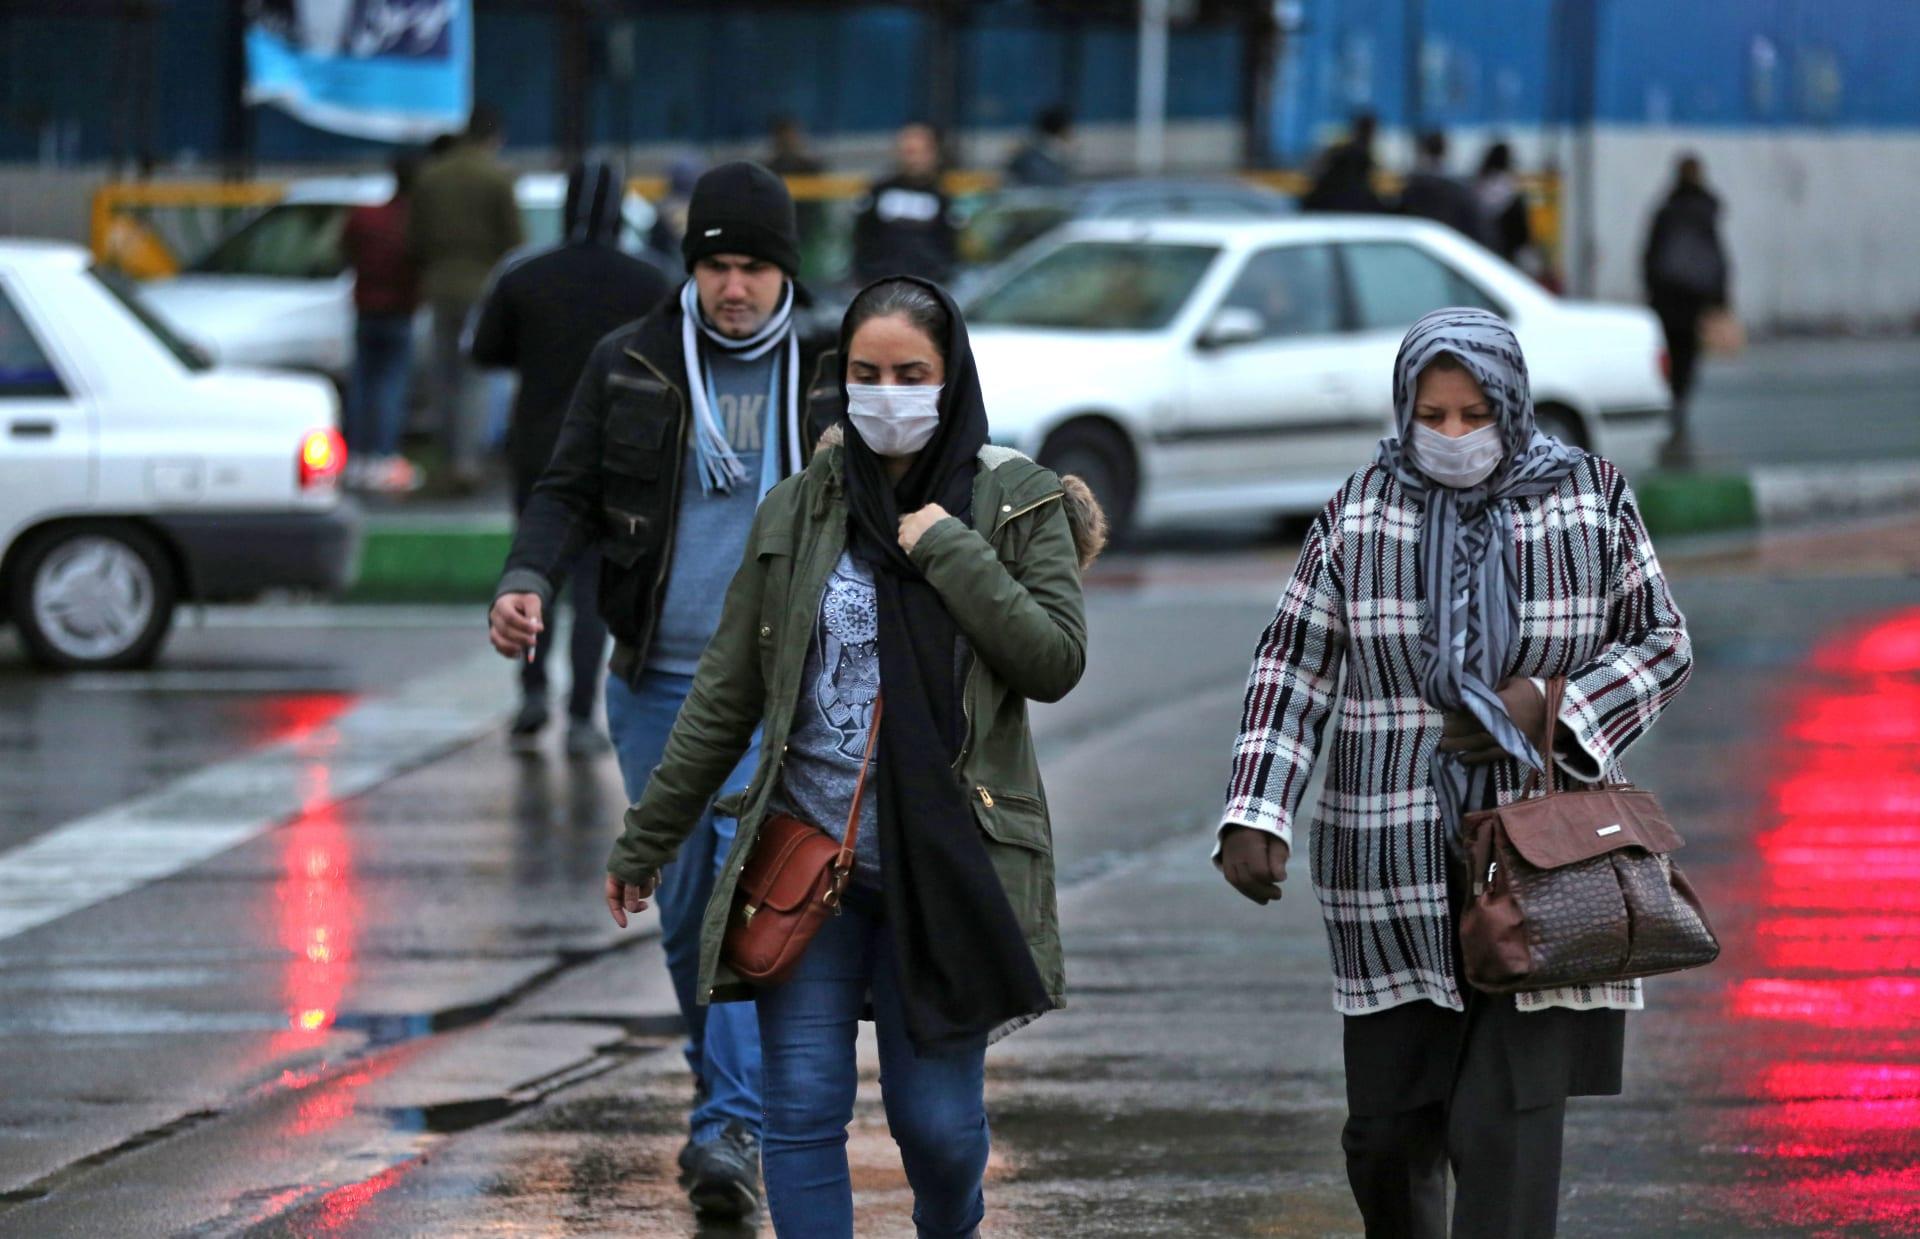 سيدتان إيرانيتان ترتديان قناع طبي واقي بعد اكتشاف حالات إصابة بفيروس كورونا في البلاد